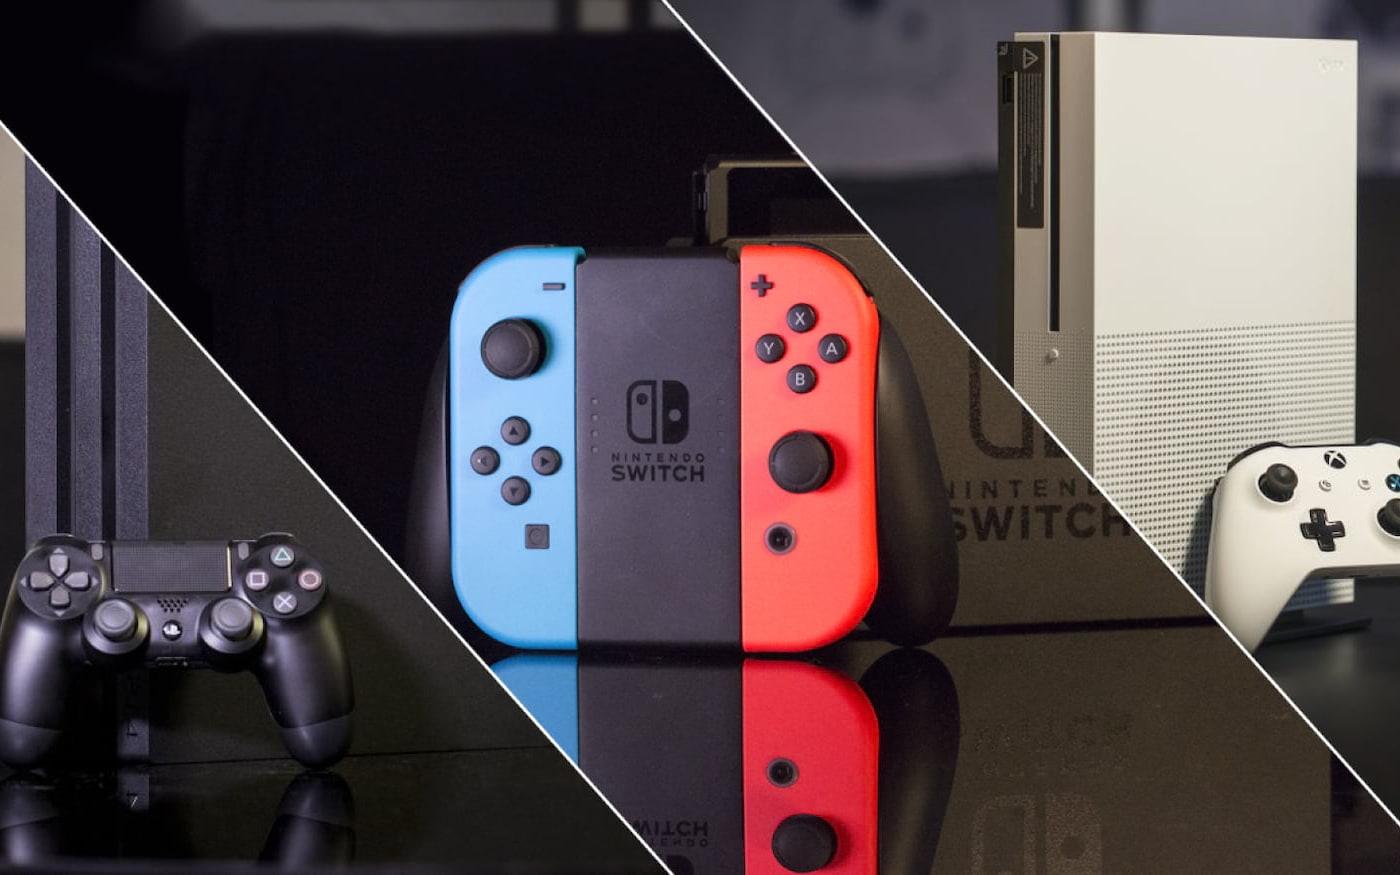 Todos os jogos do PS4 que podem ser jogados em conjunto com outros consoles (cross-console ou cross-play)